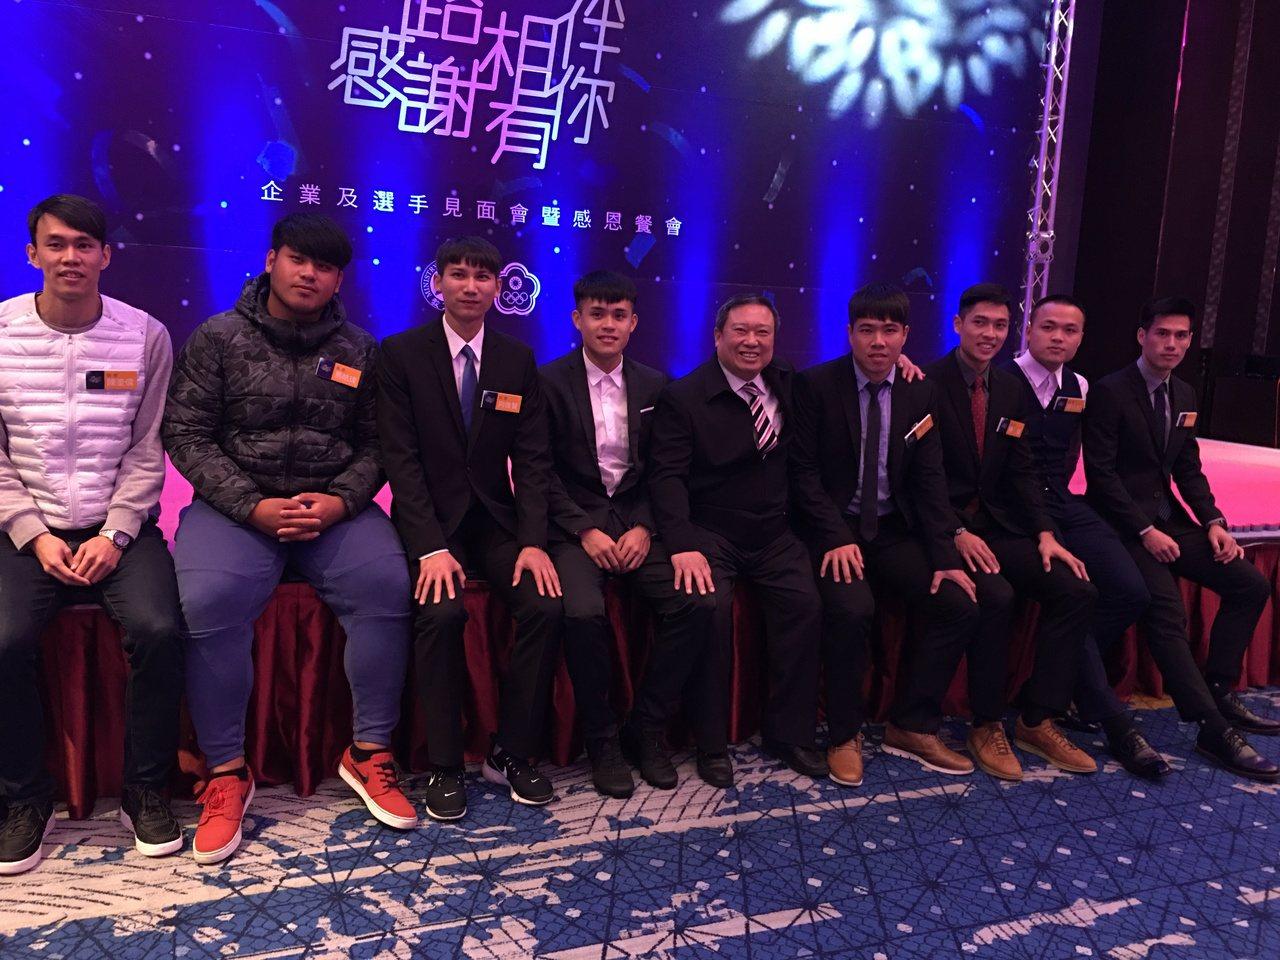 中華奧會會長林鴻道(右五)和田徑隊選手合影。 記者曾思儒/攝影